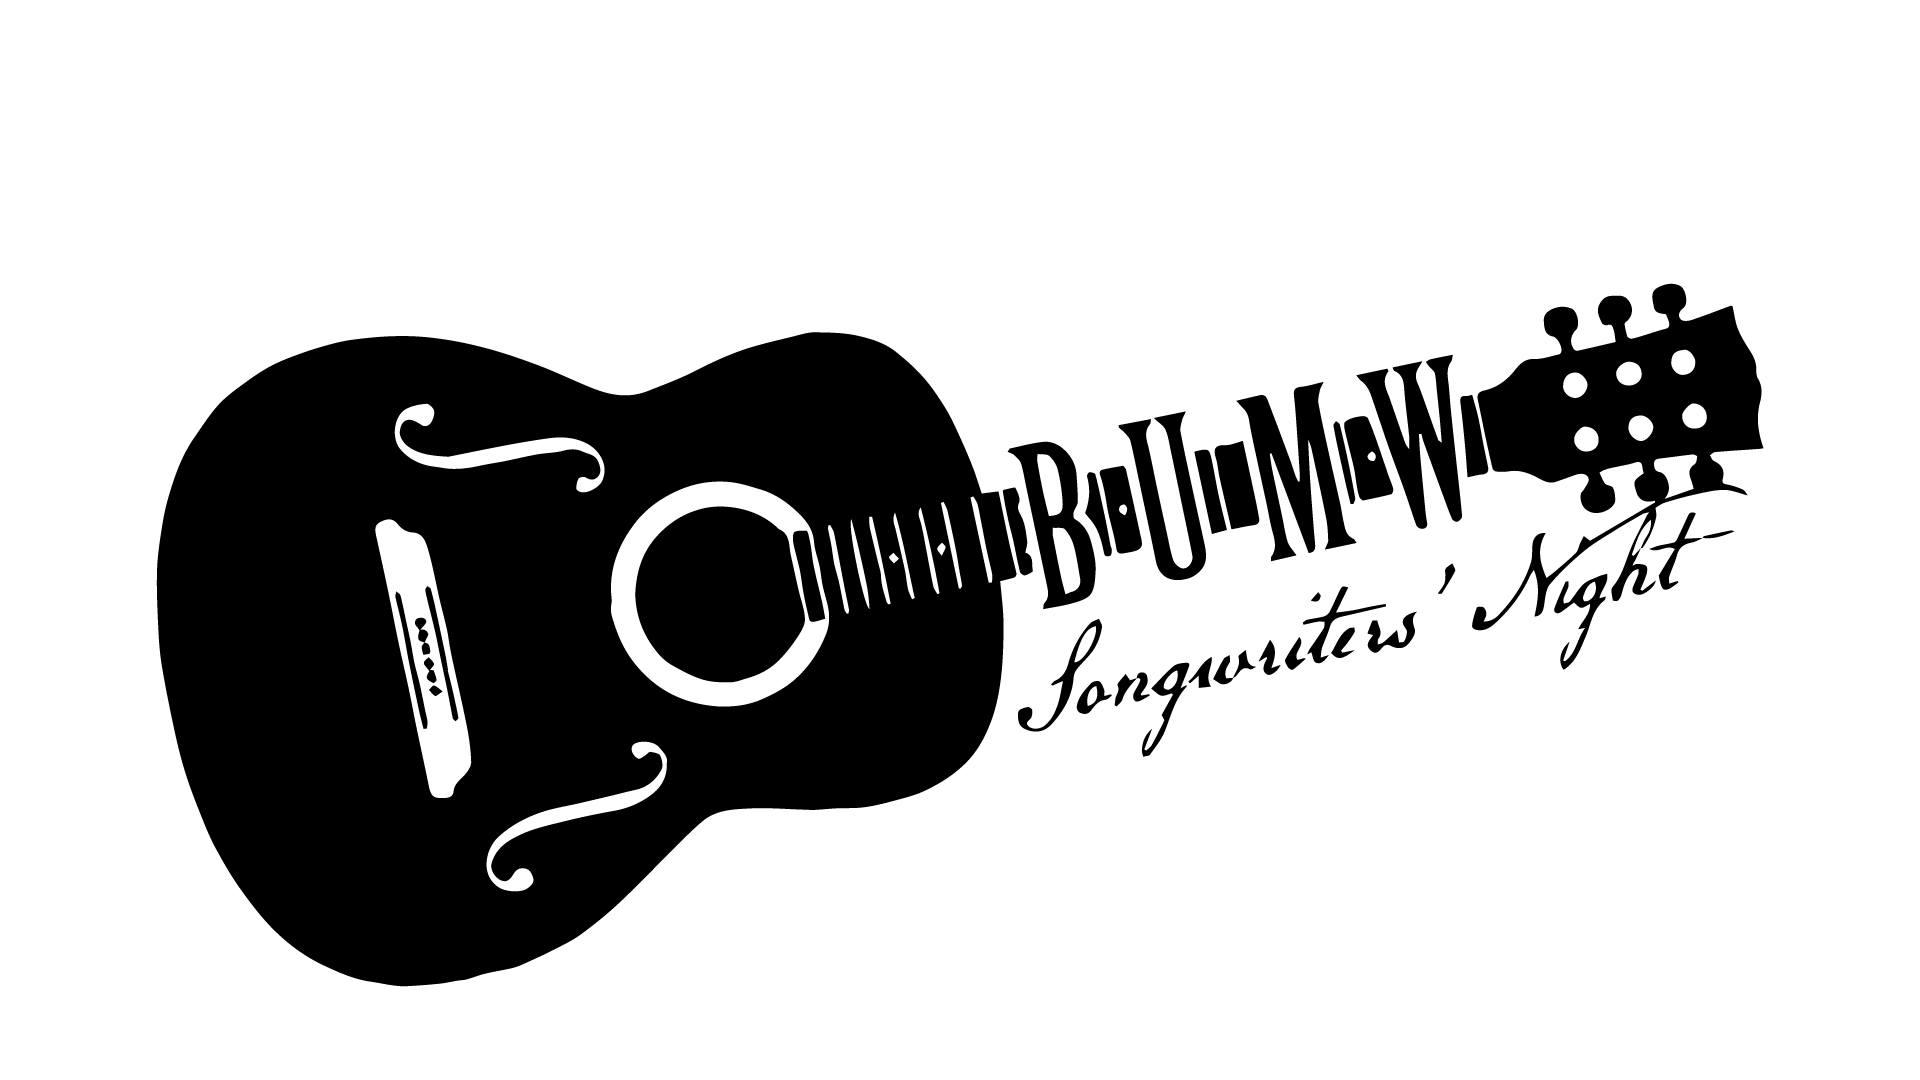 UMW Songwriters Night